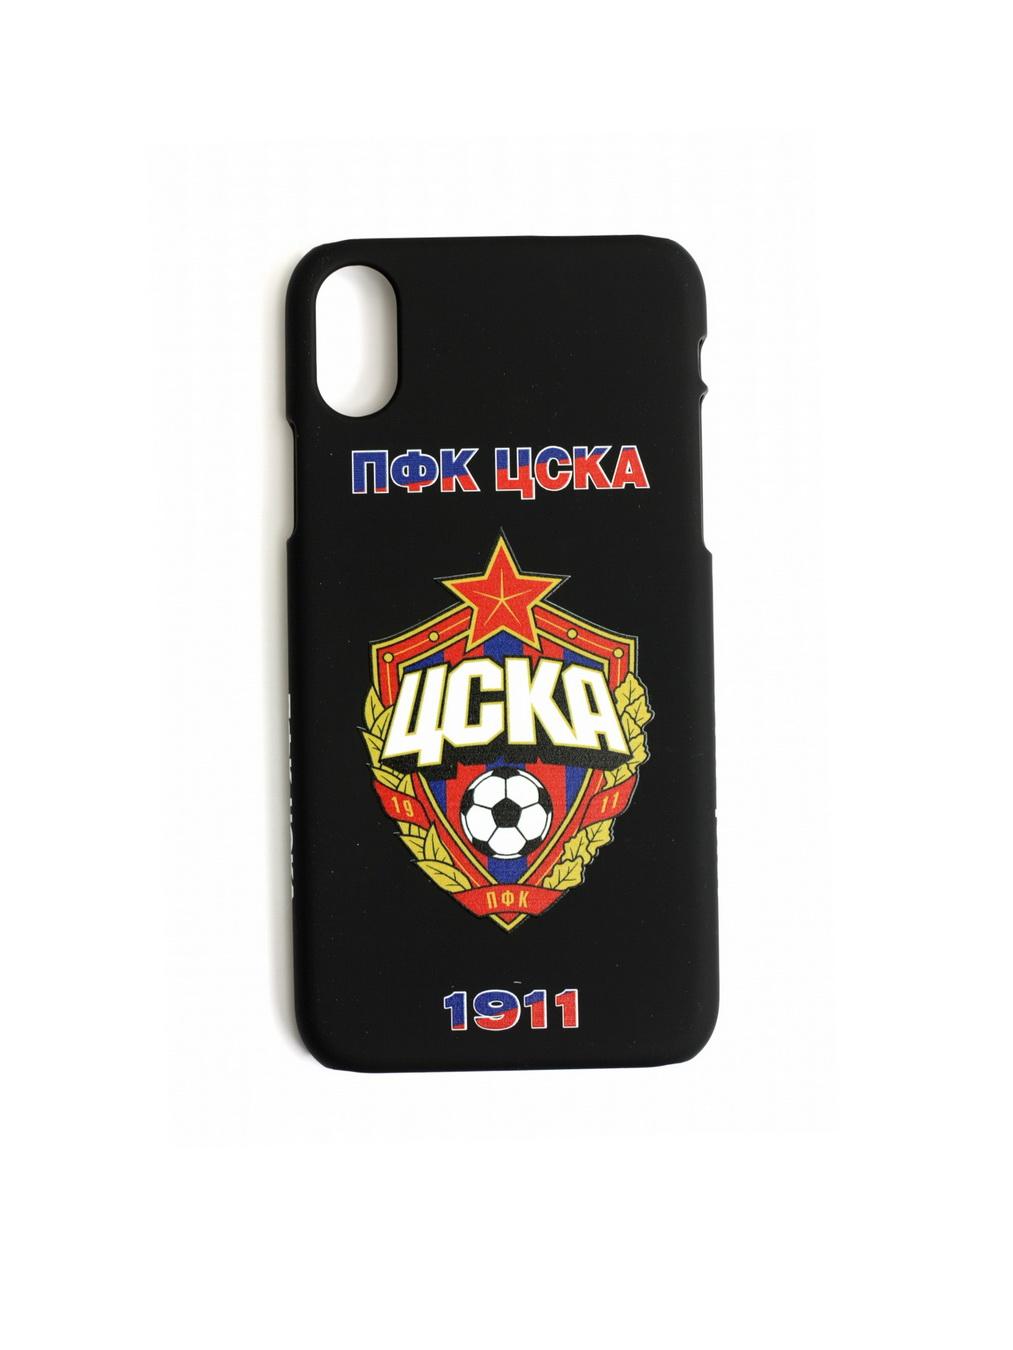 Клип-кейс ПФК ЦСКА 1911 для iPhone X чёрный фото